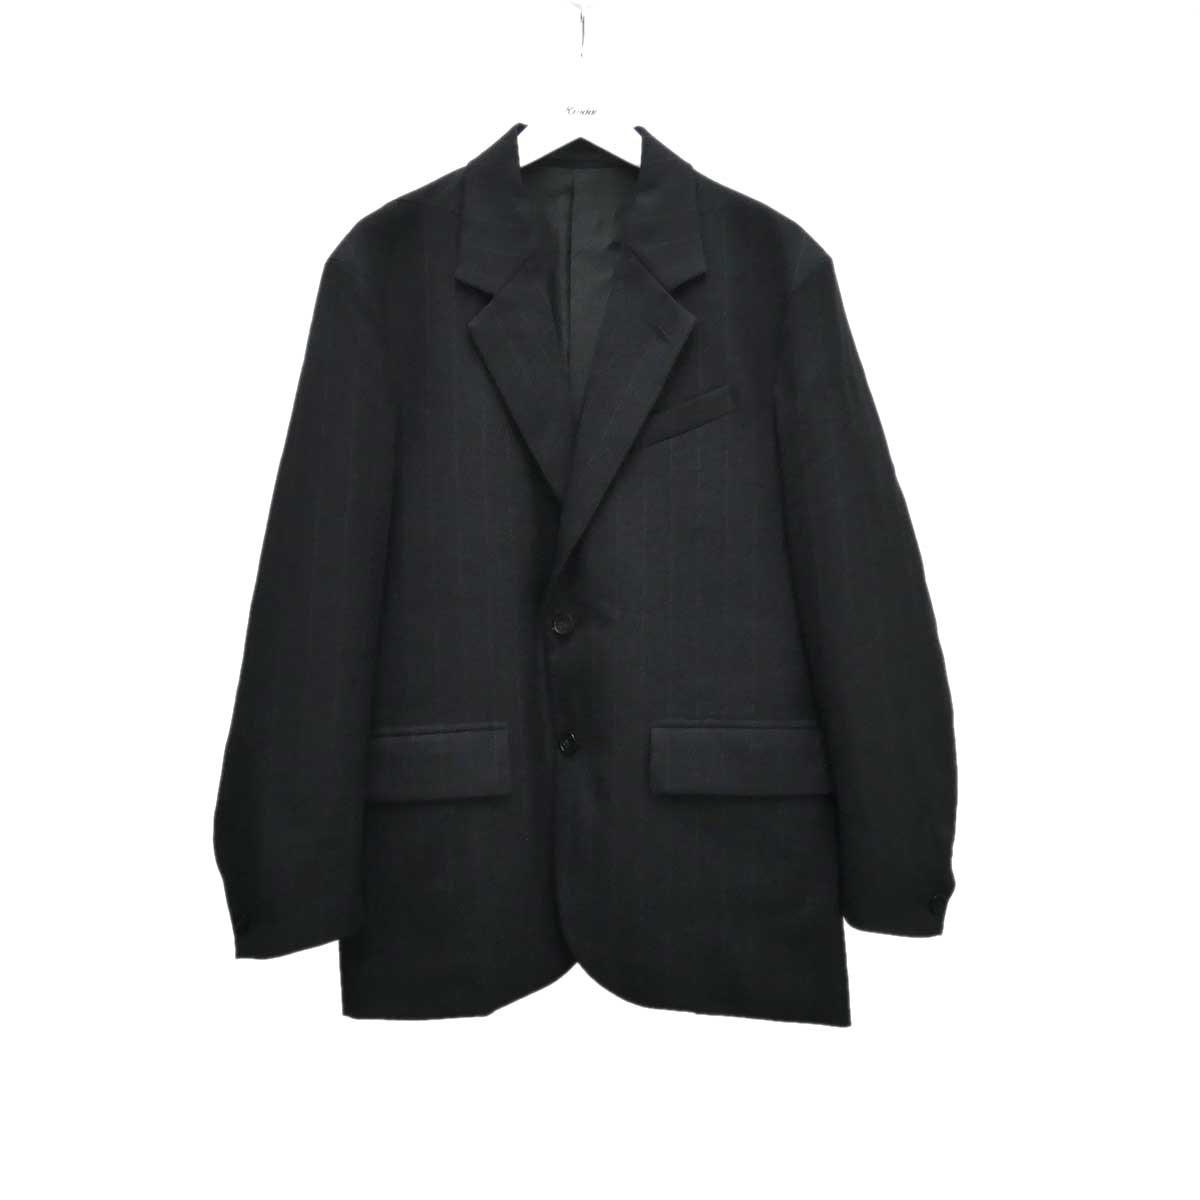 【中古】MAINU ストライプジャケット ブラック サイズ:2 【100920】(マイヌ)